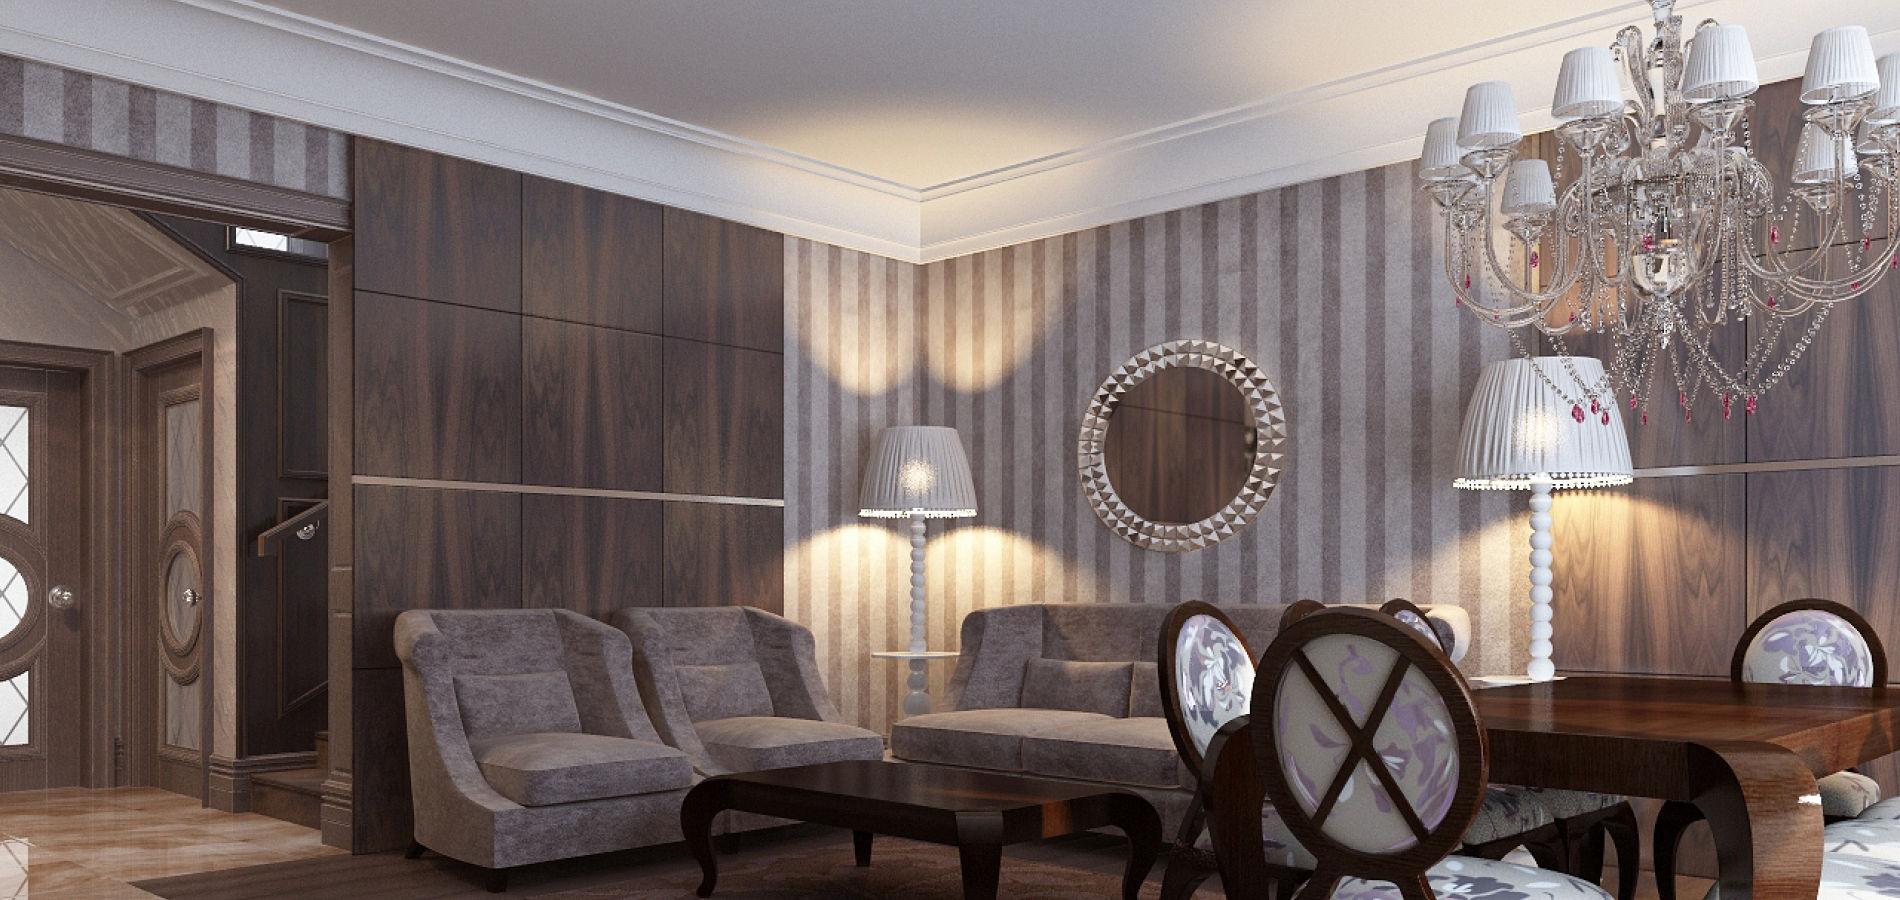 Вітальня в класичному стилі GK_109